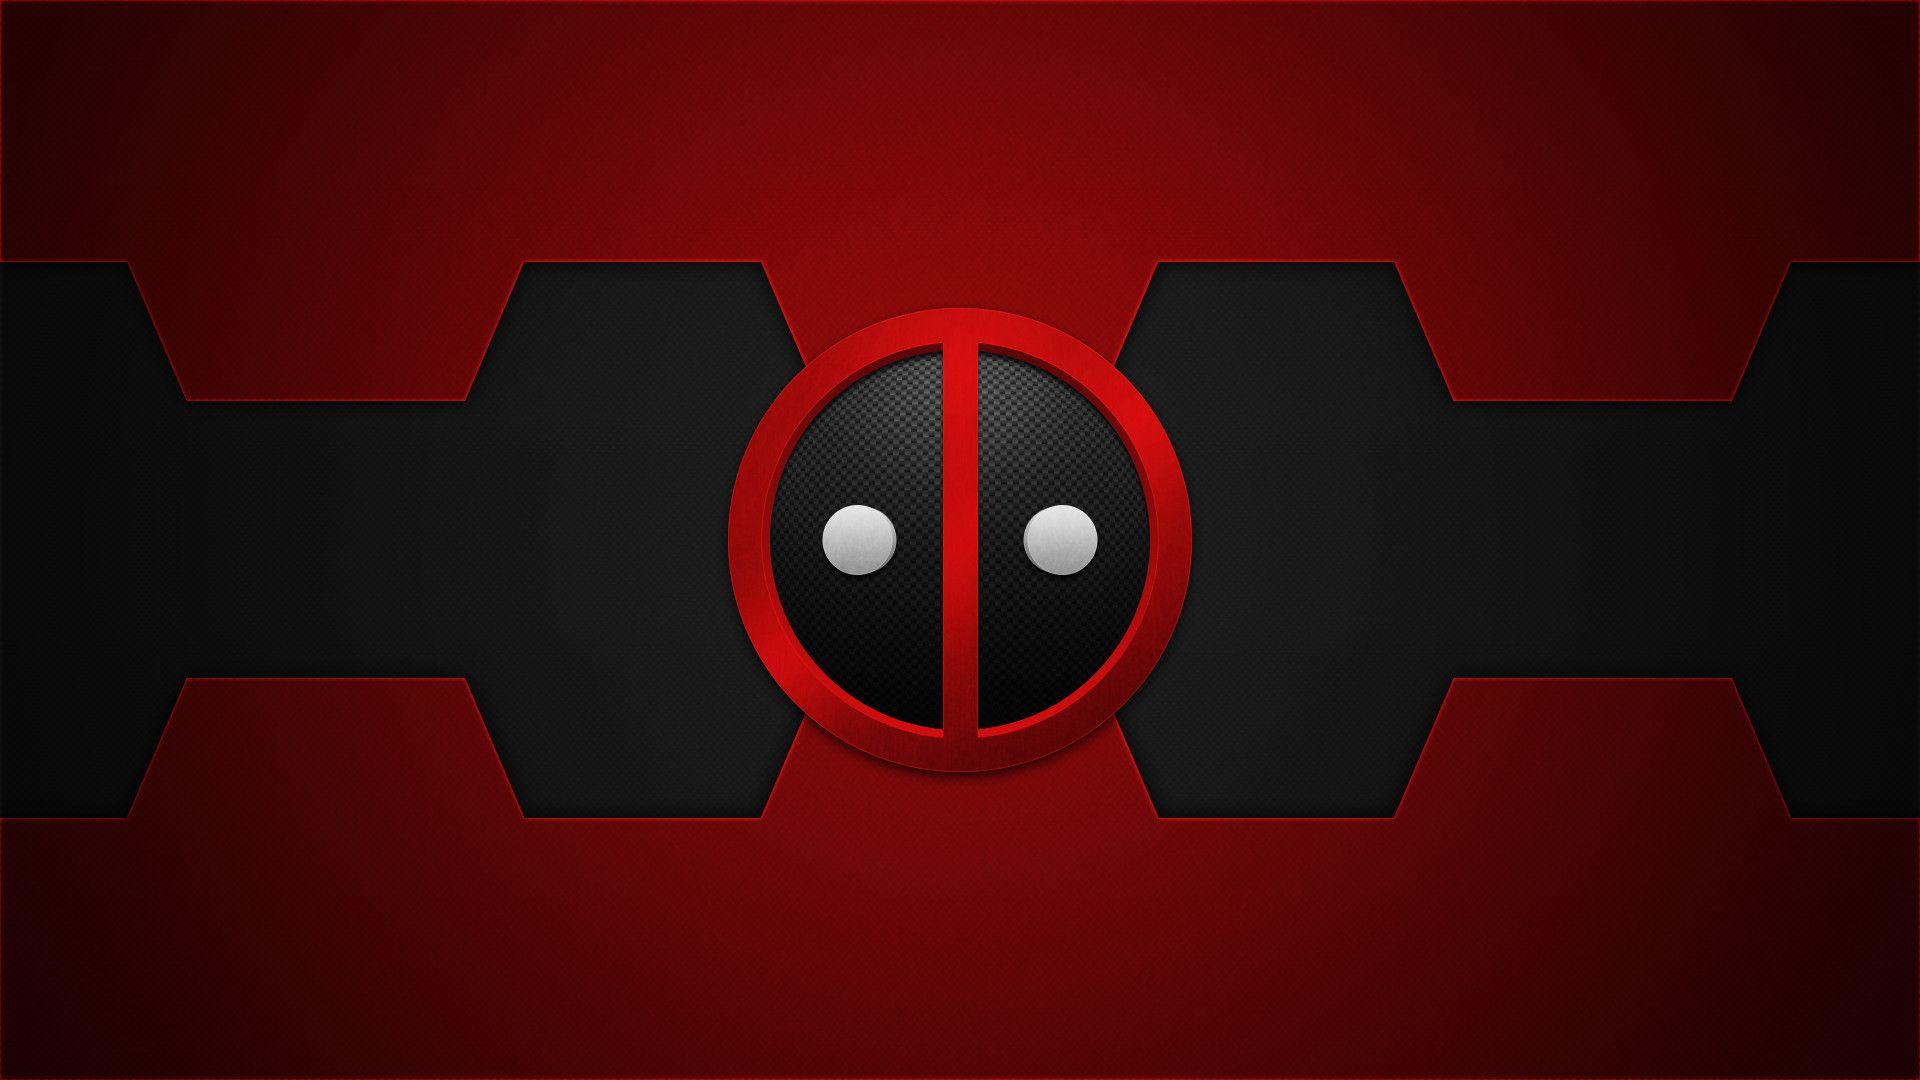 Cool Wallpaper Logo Deadpool - 2461b2b81da6e8cc2867cfcd5b068f99  Trends_372595.jpg